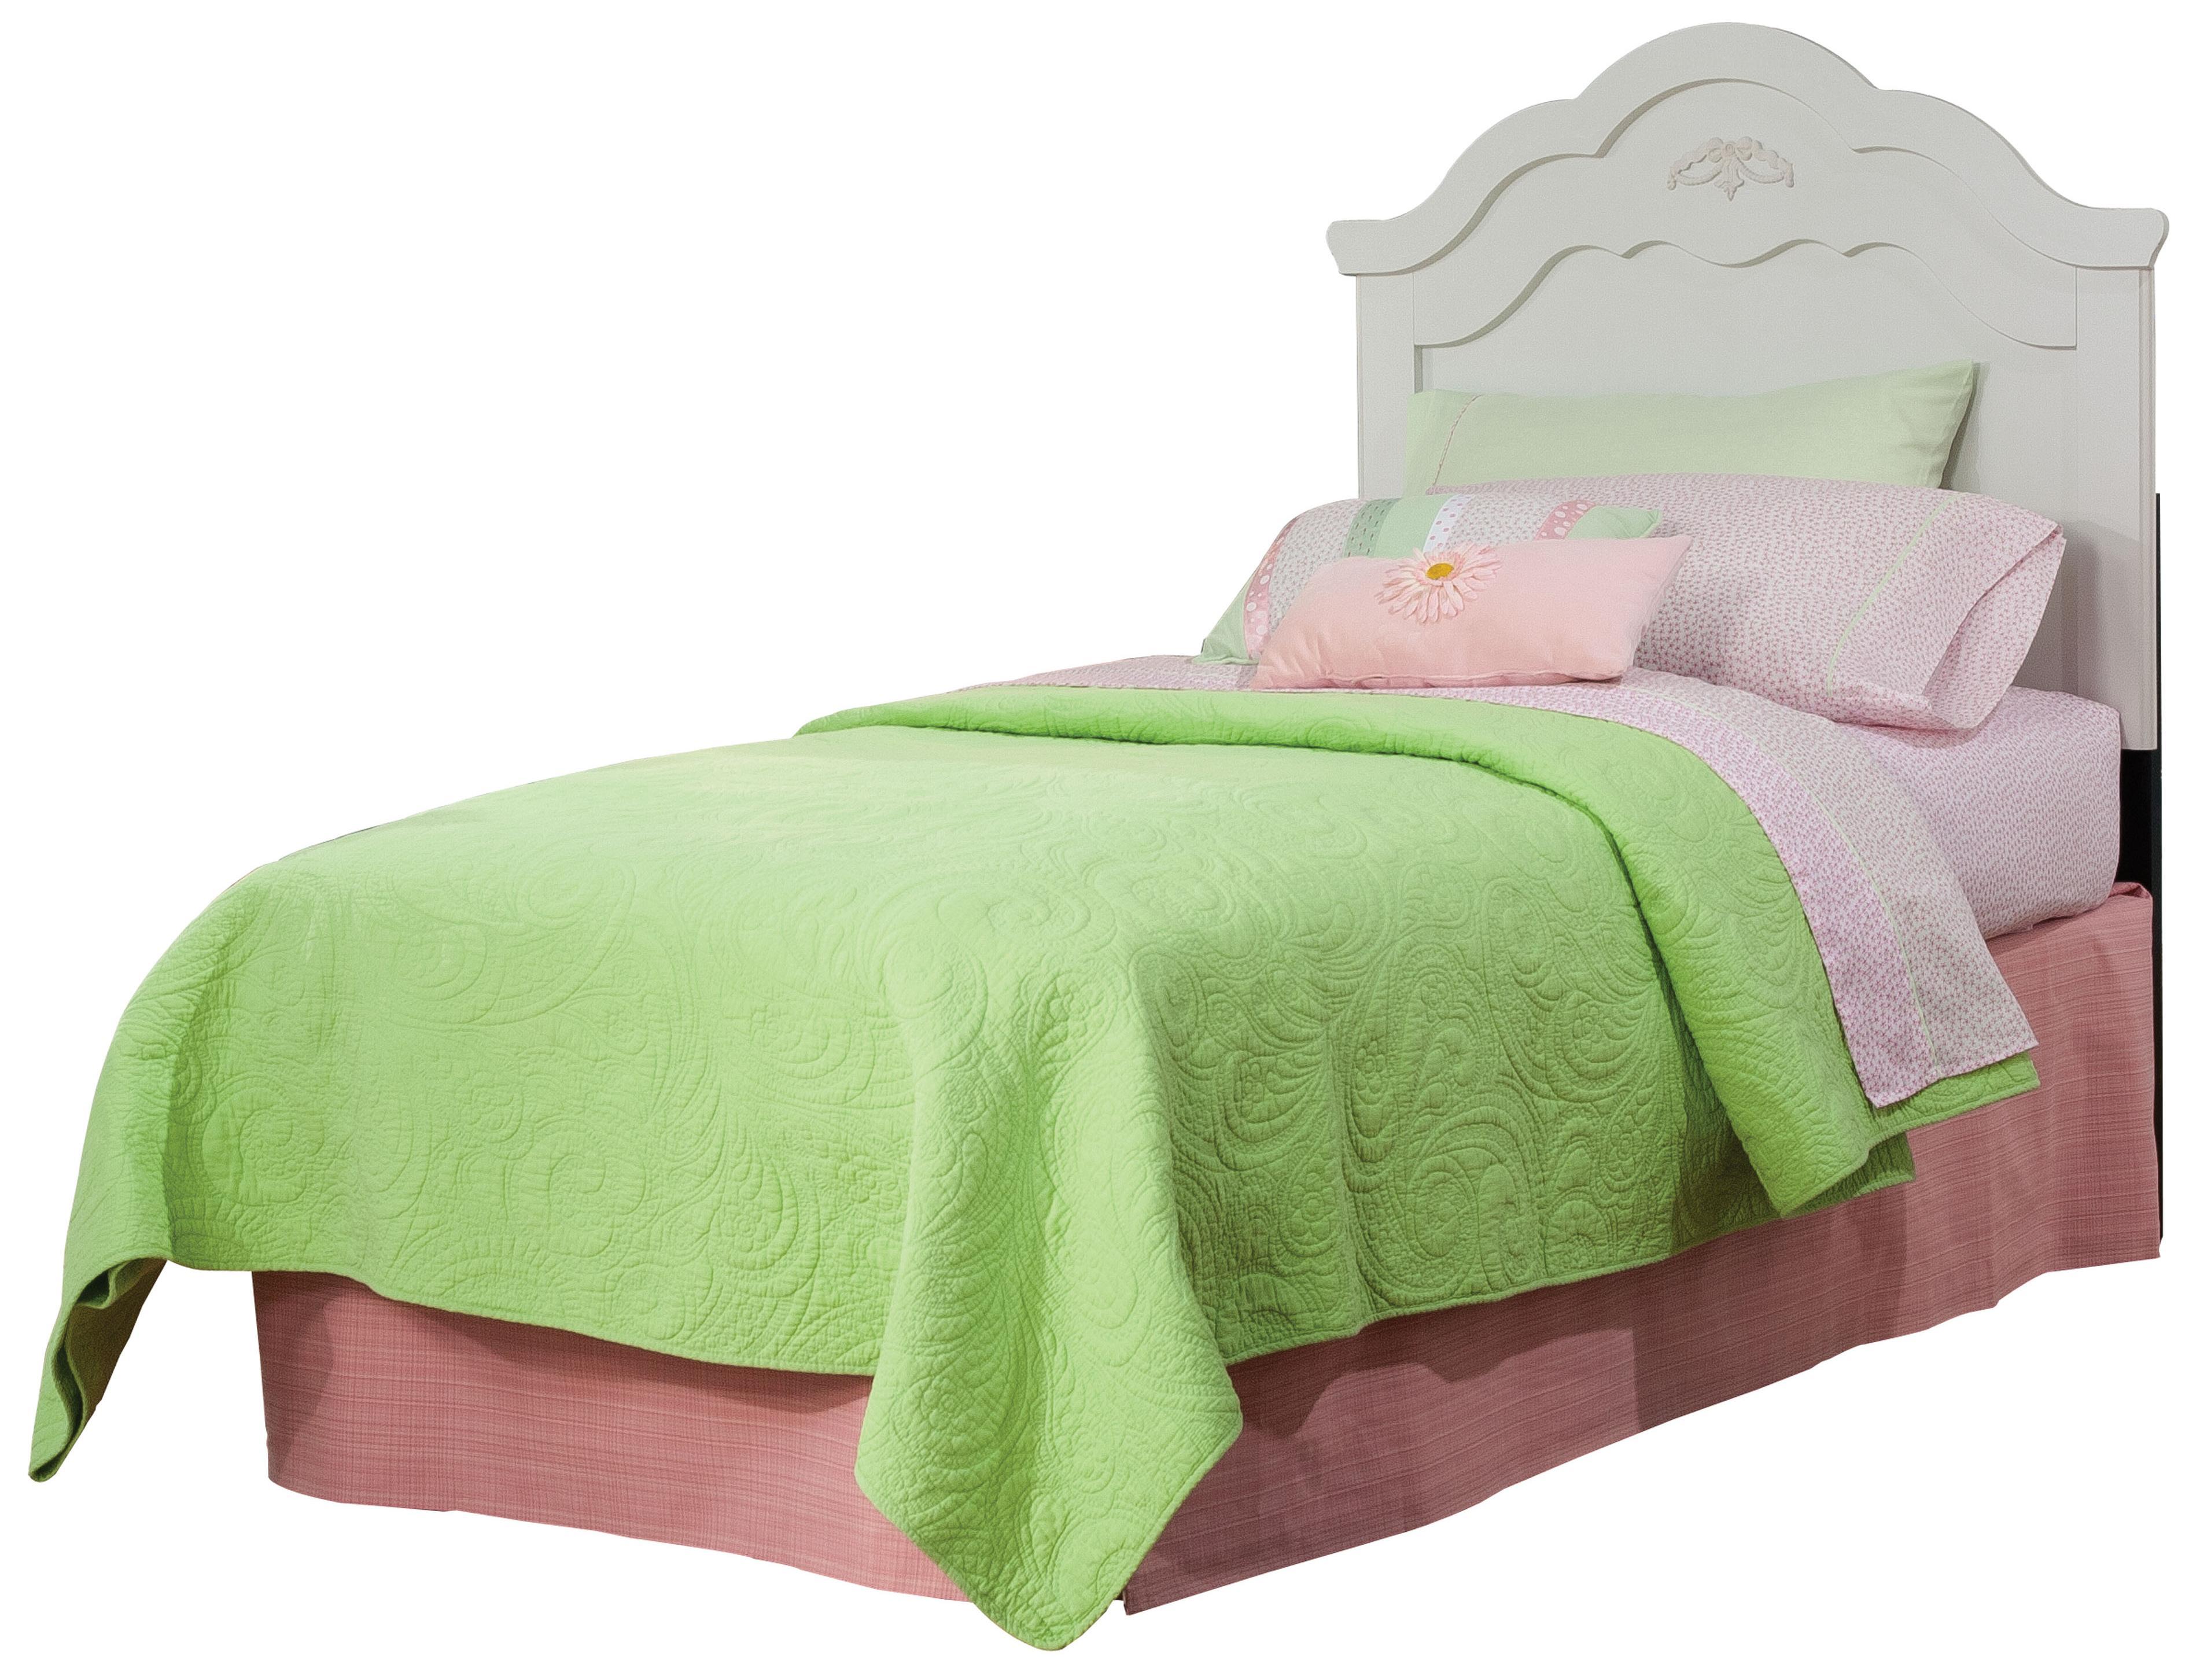 Standard Furniture Daphne Twin Headboard - Item Number: 65553